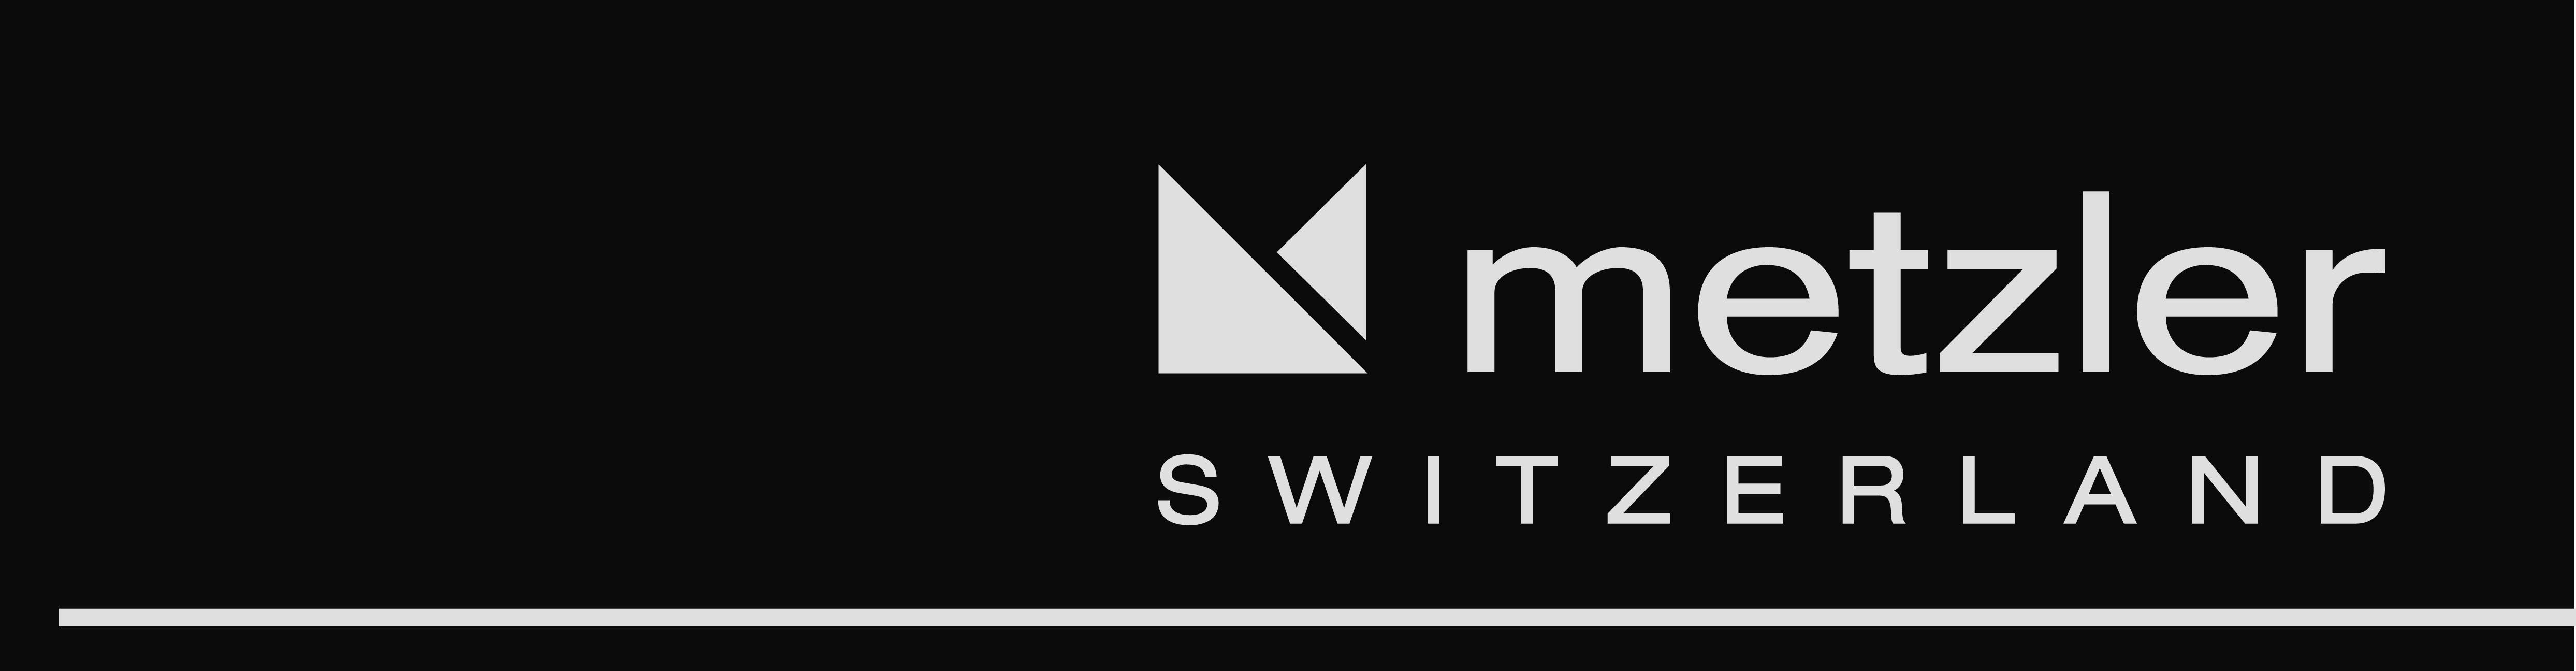 Metzler & Co. AG